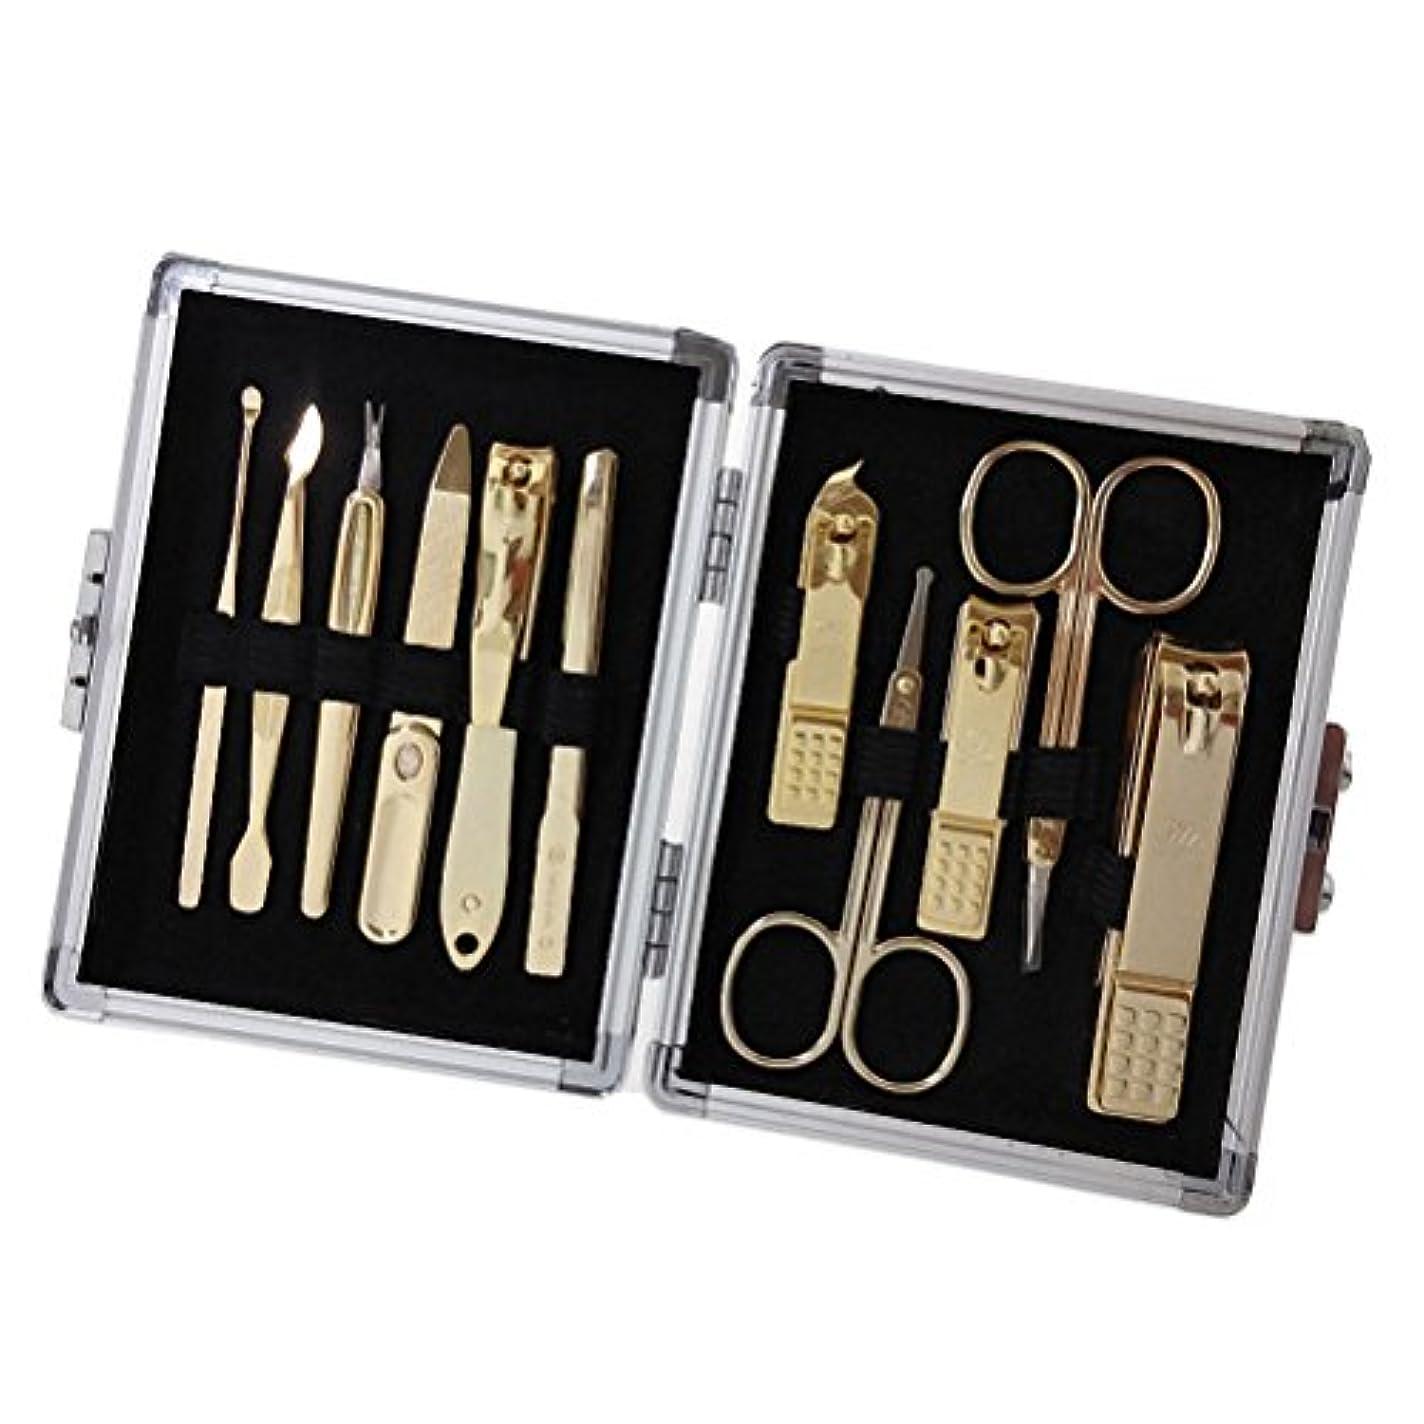 書き込みインタラクションれる【 三セブン】THREE SEVEN TS-16000 Manicure Set in Aluminum Case 三セブンアルミケースのTS 16000マニキュア セット (2.Gold_Silver1) [並行輸入品]